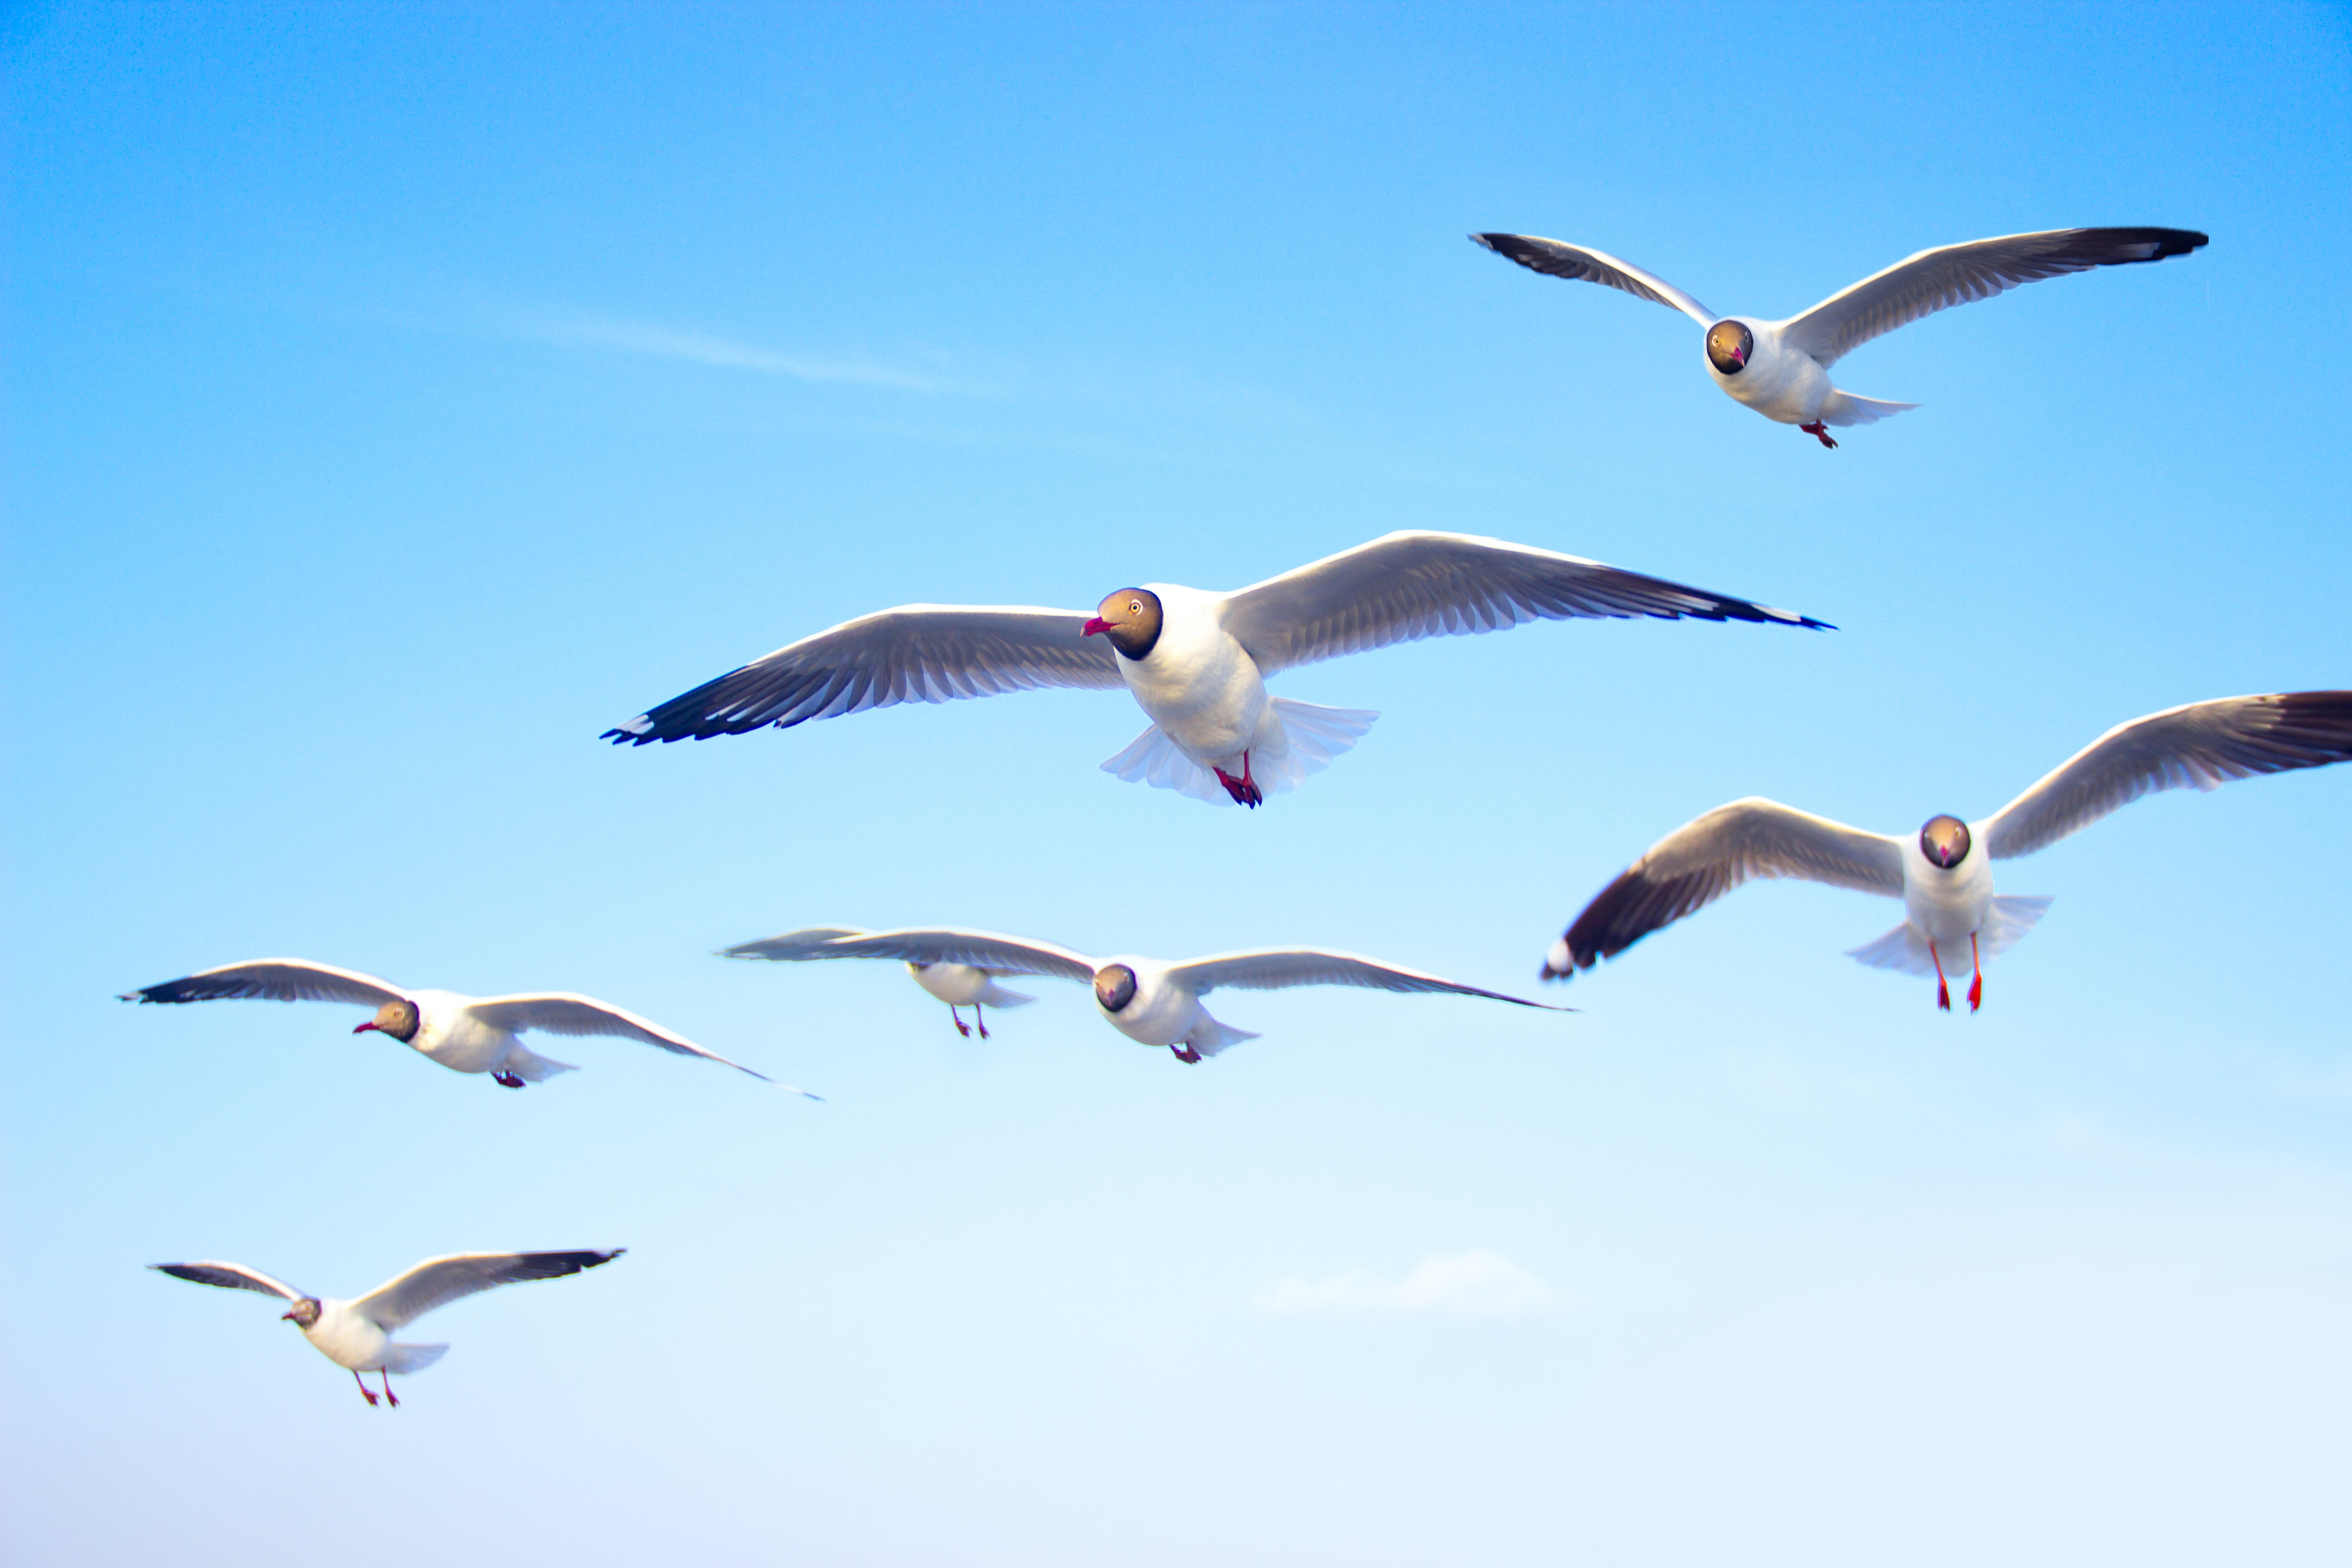 Základová fotografie zdarma na téma fotografování zvířat, létání, modrá obloha, obloha